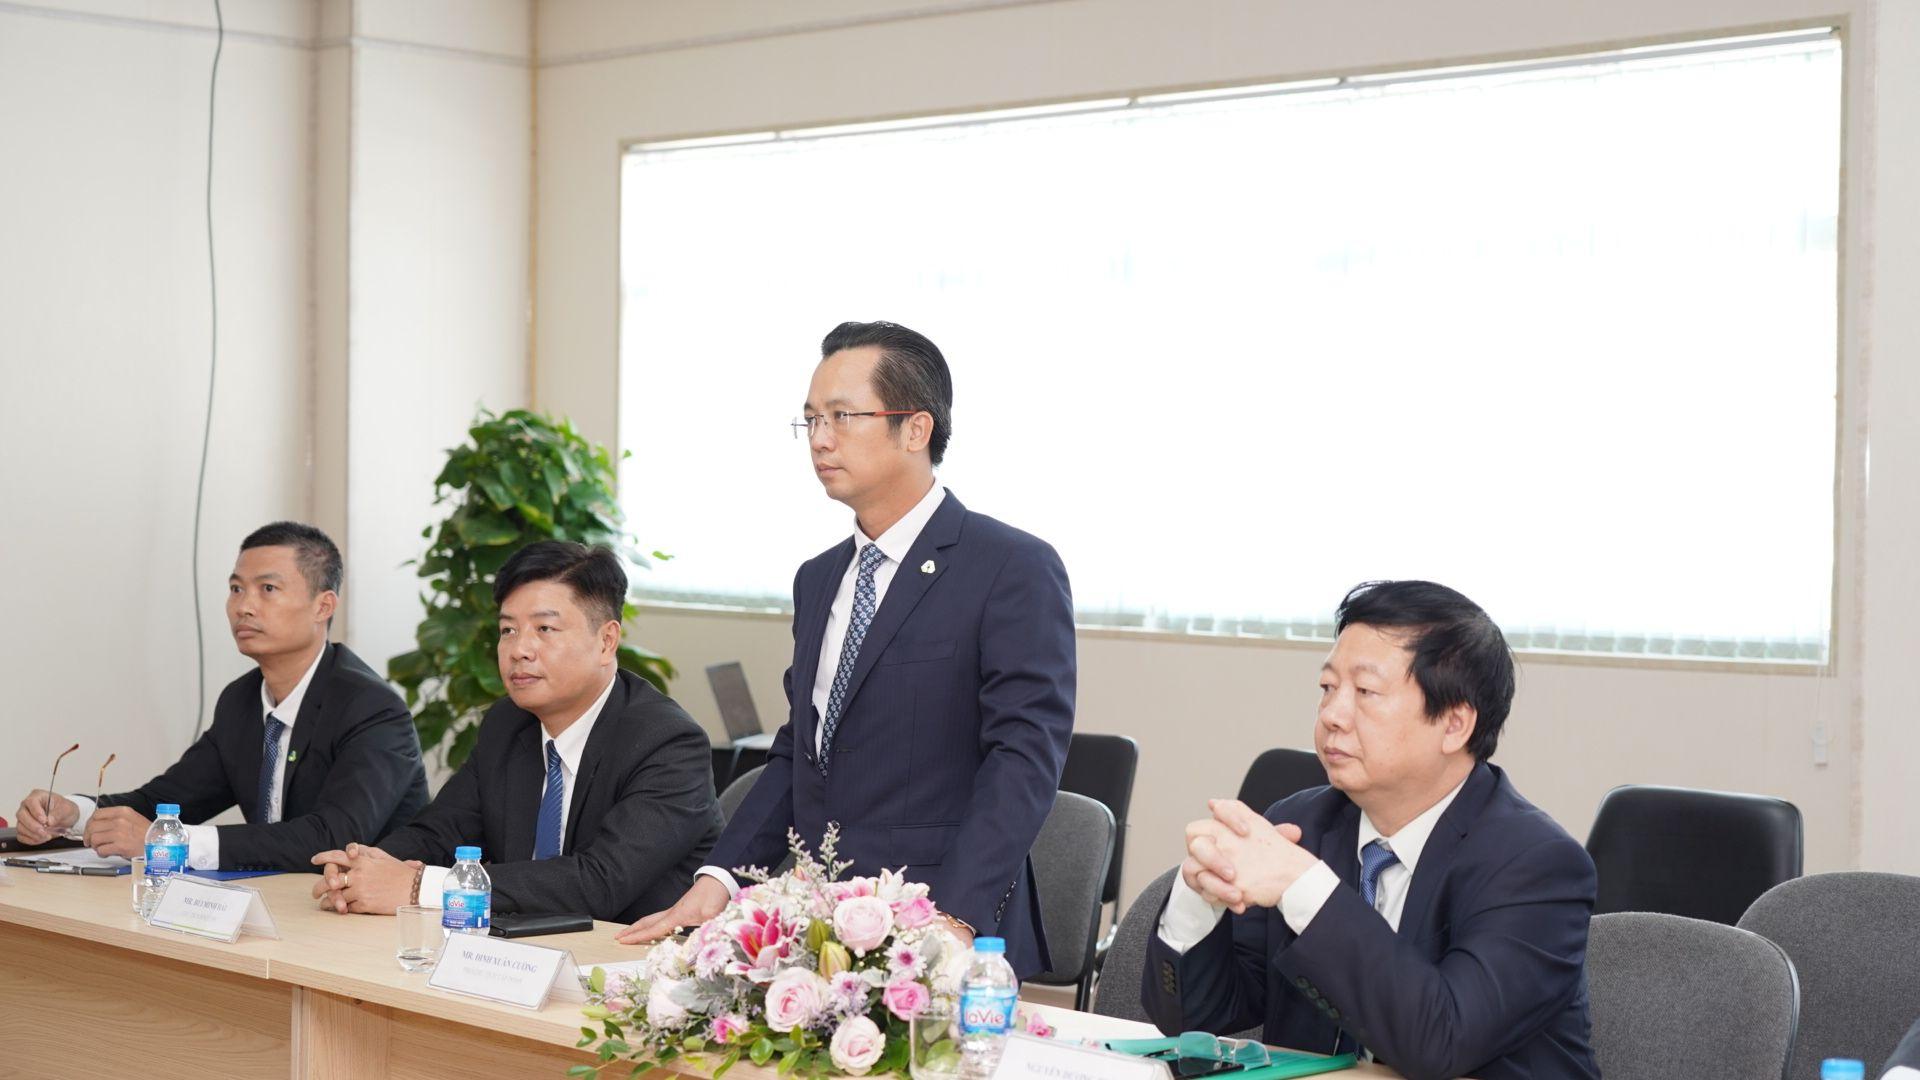 Ông Đinh Xuân Cường- Phó Chủ tịch, CEO An Phát Holdings phát biểu tại Lễ tổng kết chương trình Tư vấn cải tiến của Bộ Công thương và Samsung Việt Nam